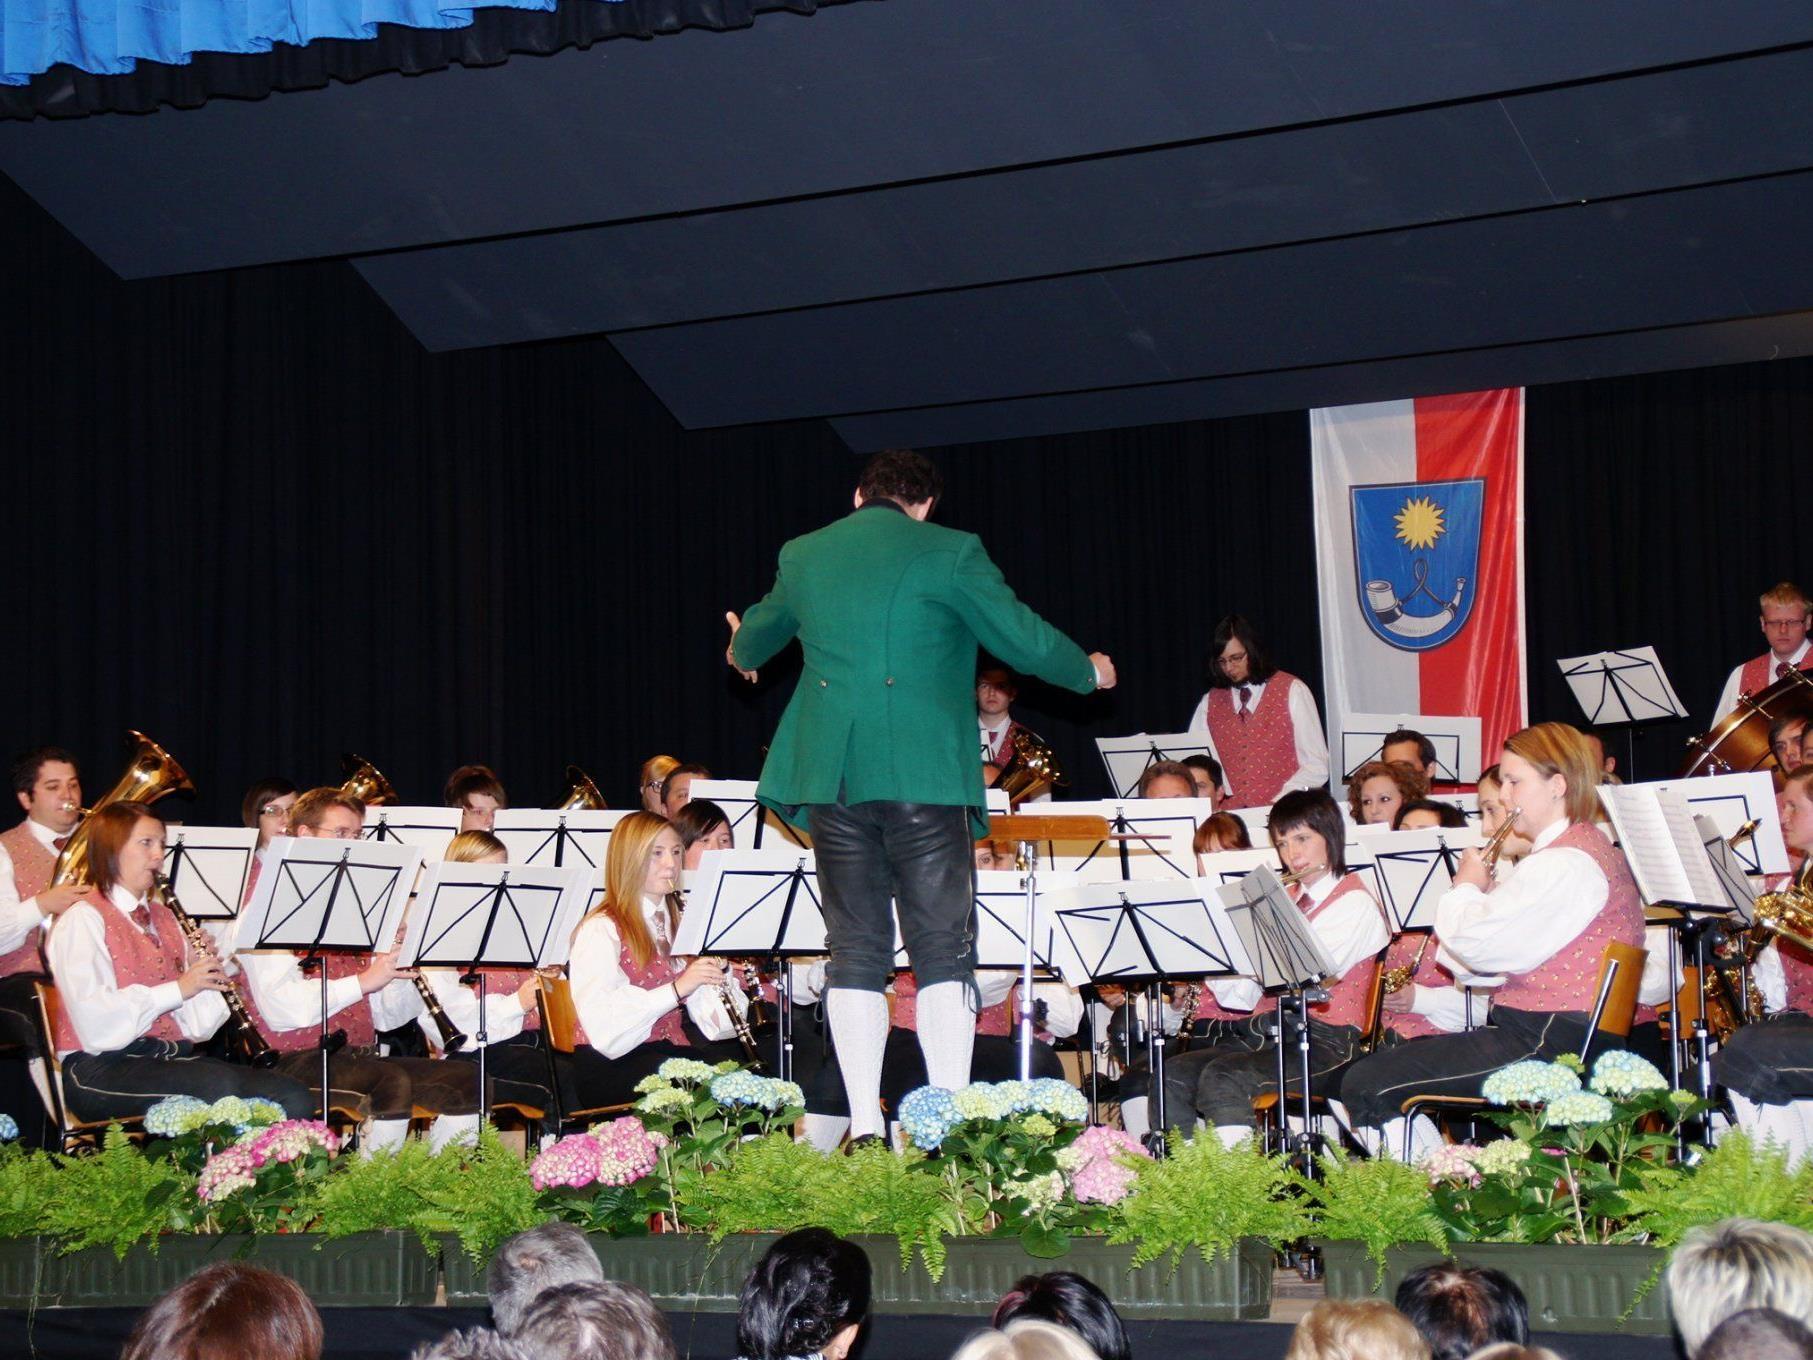 Der Musikverein Frastanz begeisterte mit einem abwechslungsreichen Konzertprogramm.